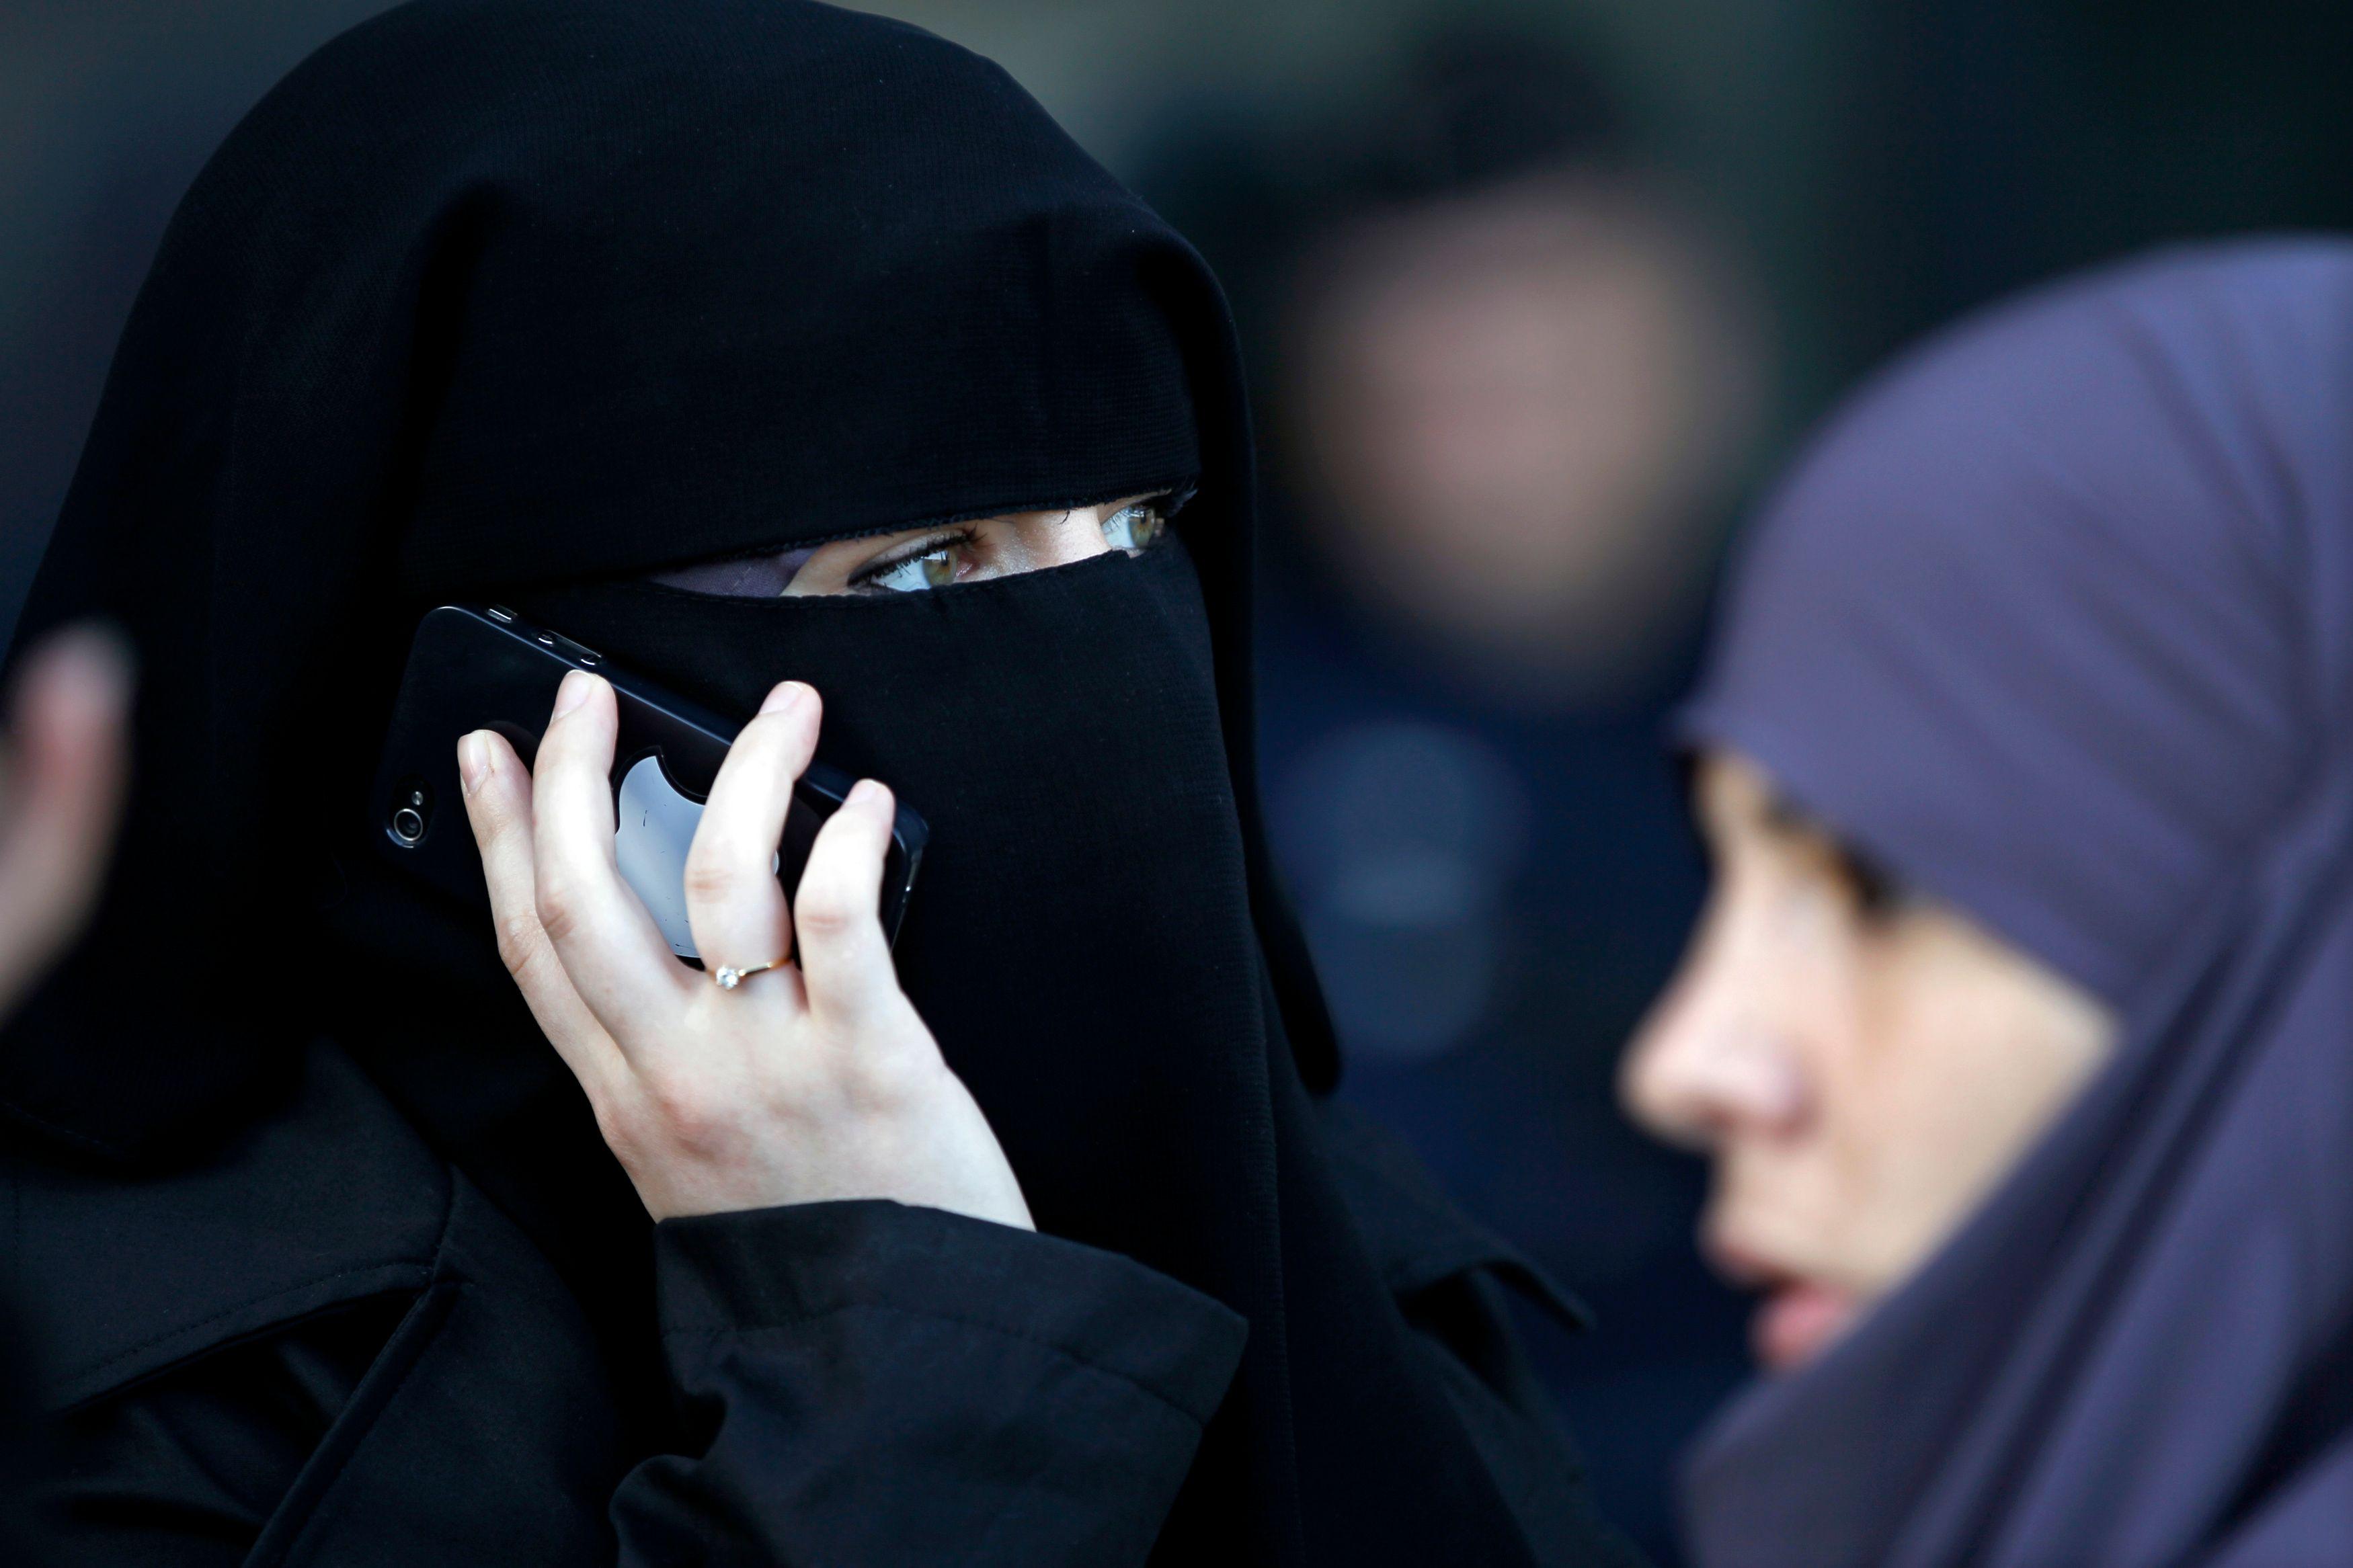 Manuel Valls refuse de relancer le débat sur le port du niqab.